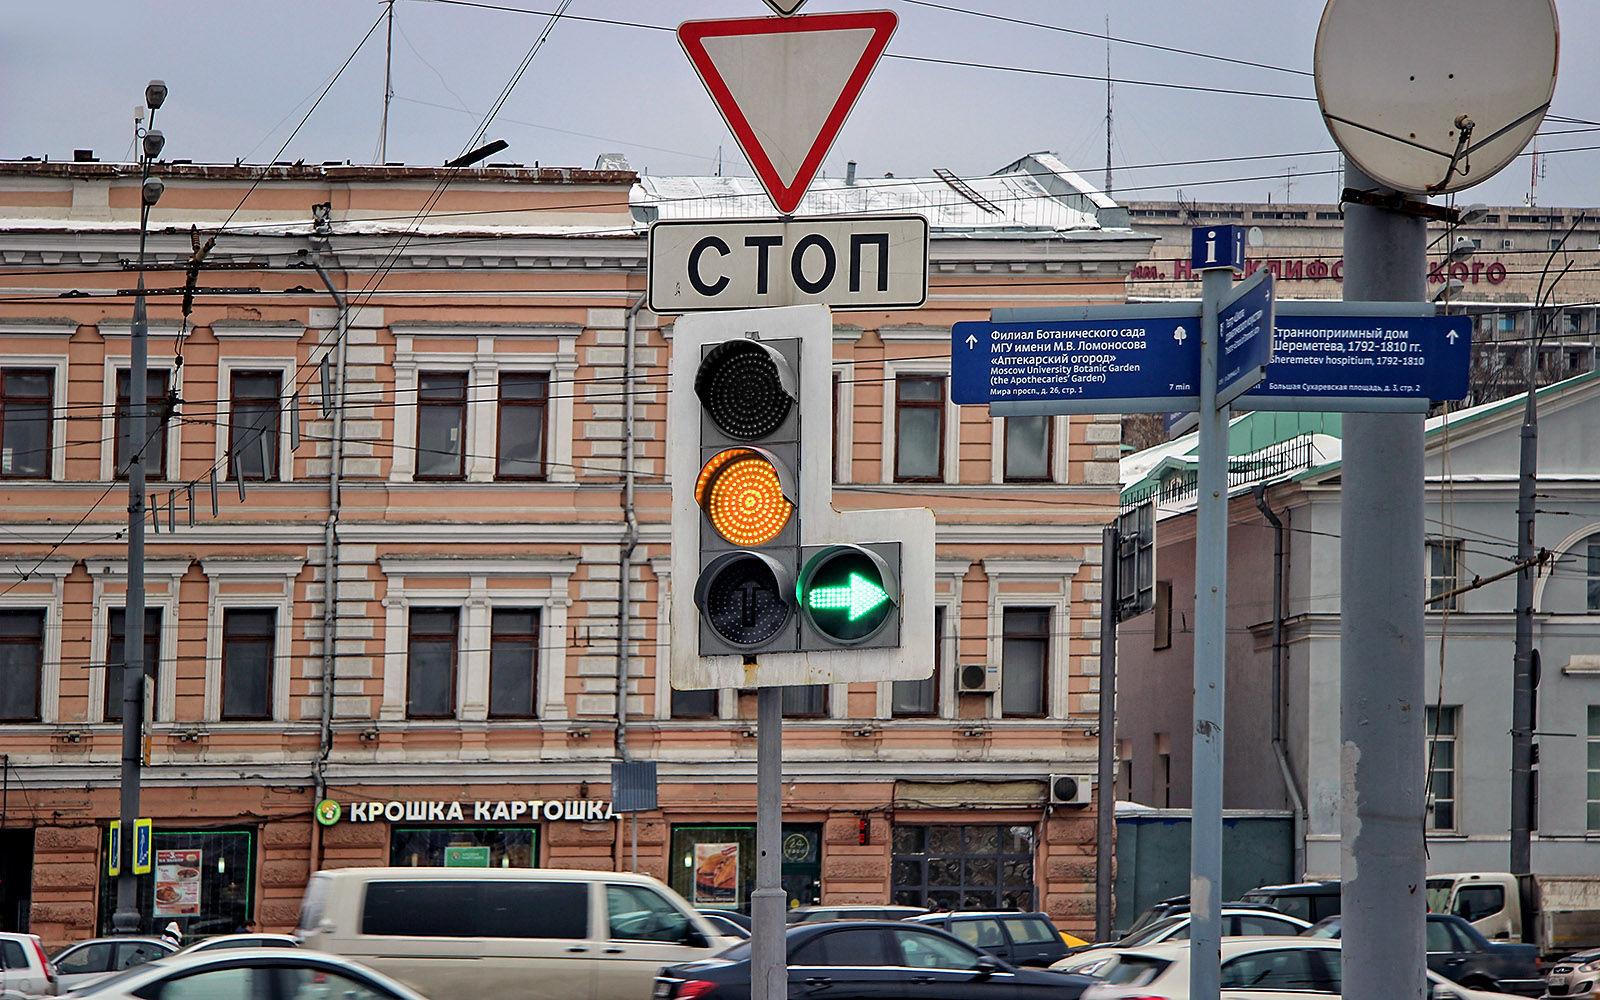 Правила дорожного движения в россии. кто, как и зачем их сочиняет